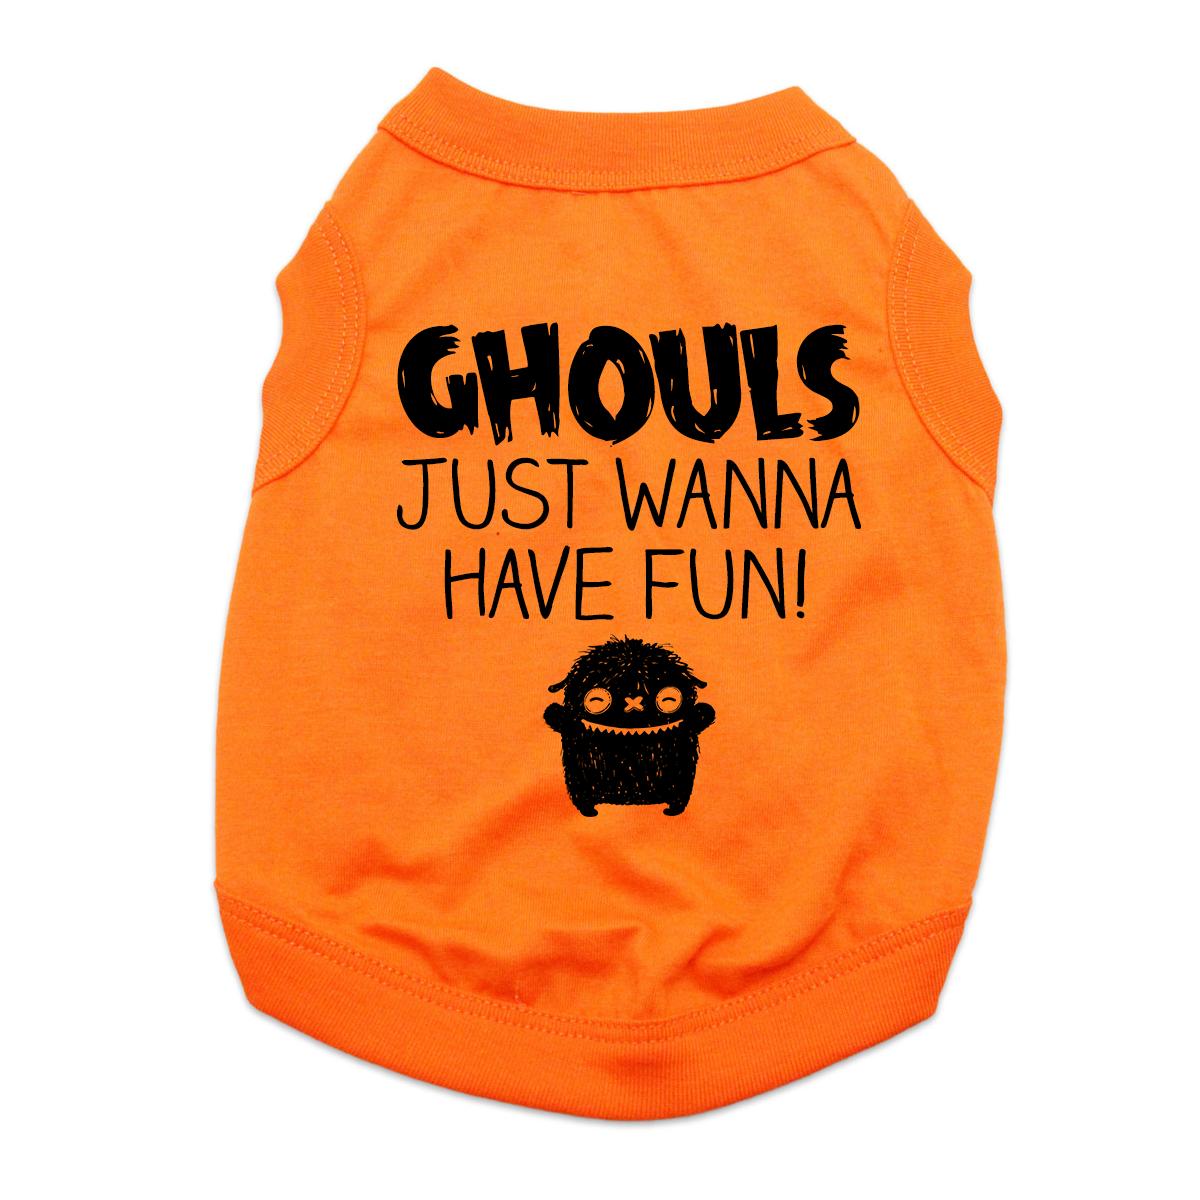 Ghouls Just Wanna Have Fun Dog Shirt - Orange